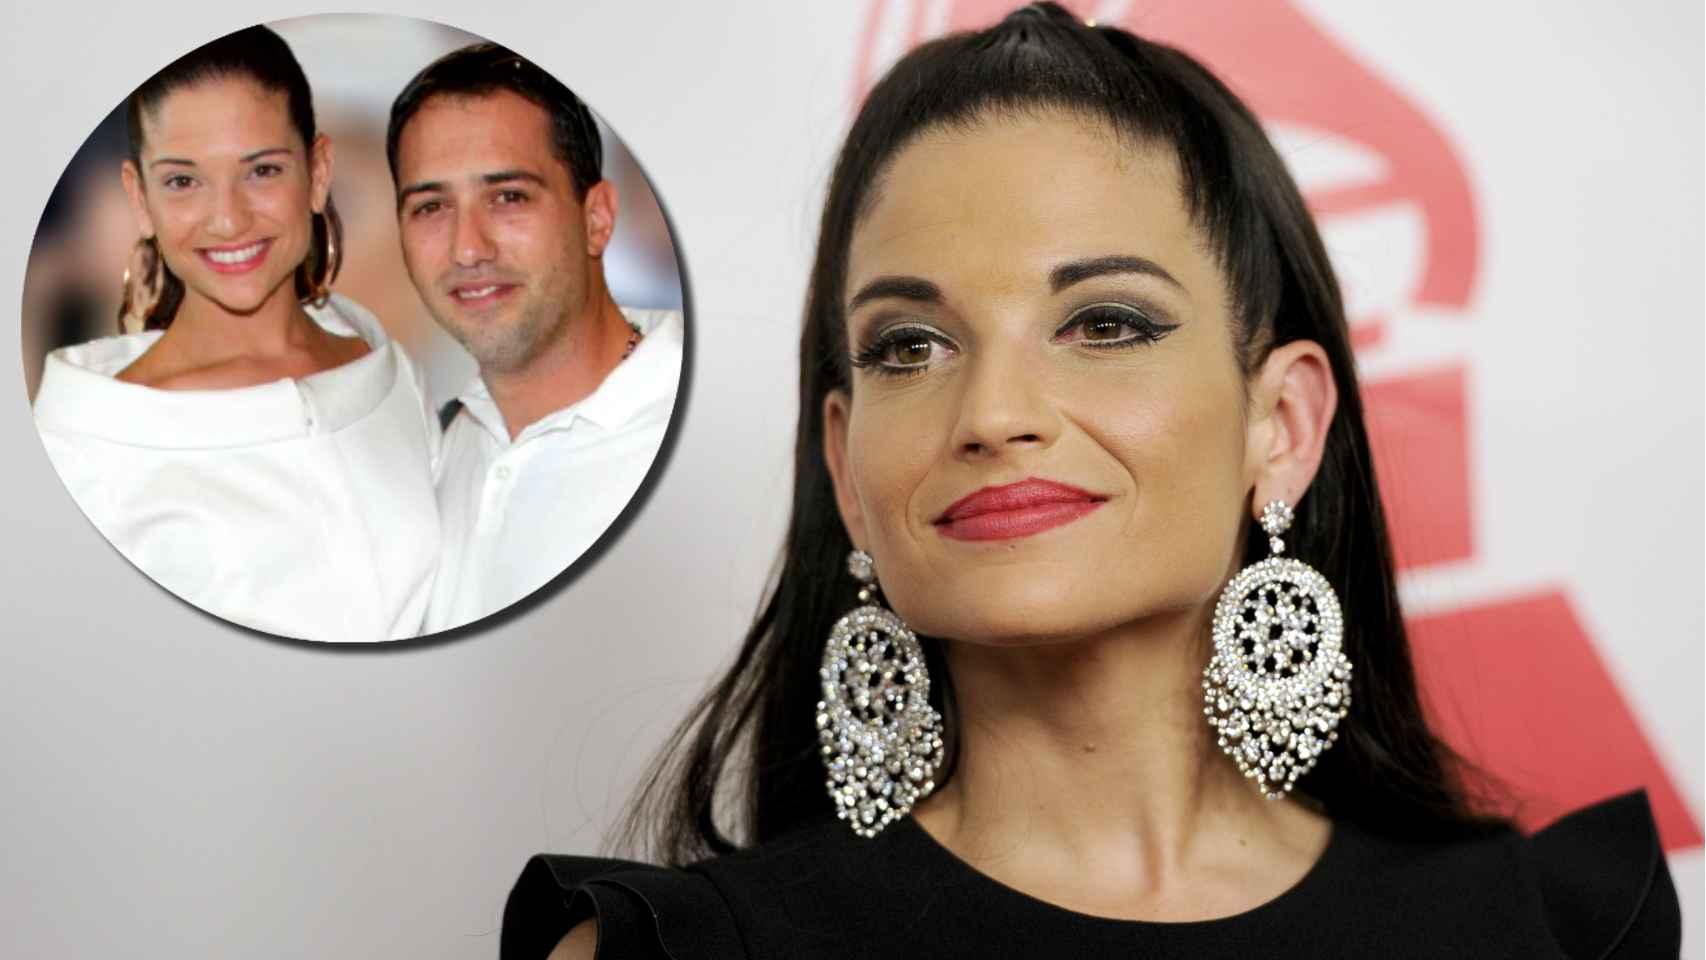 Natalia Jiménez y Daniel Trueba rompen su relación.